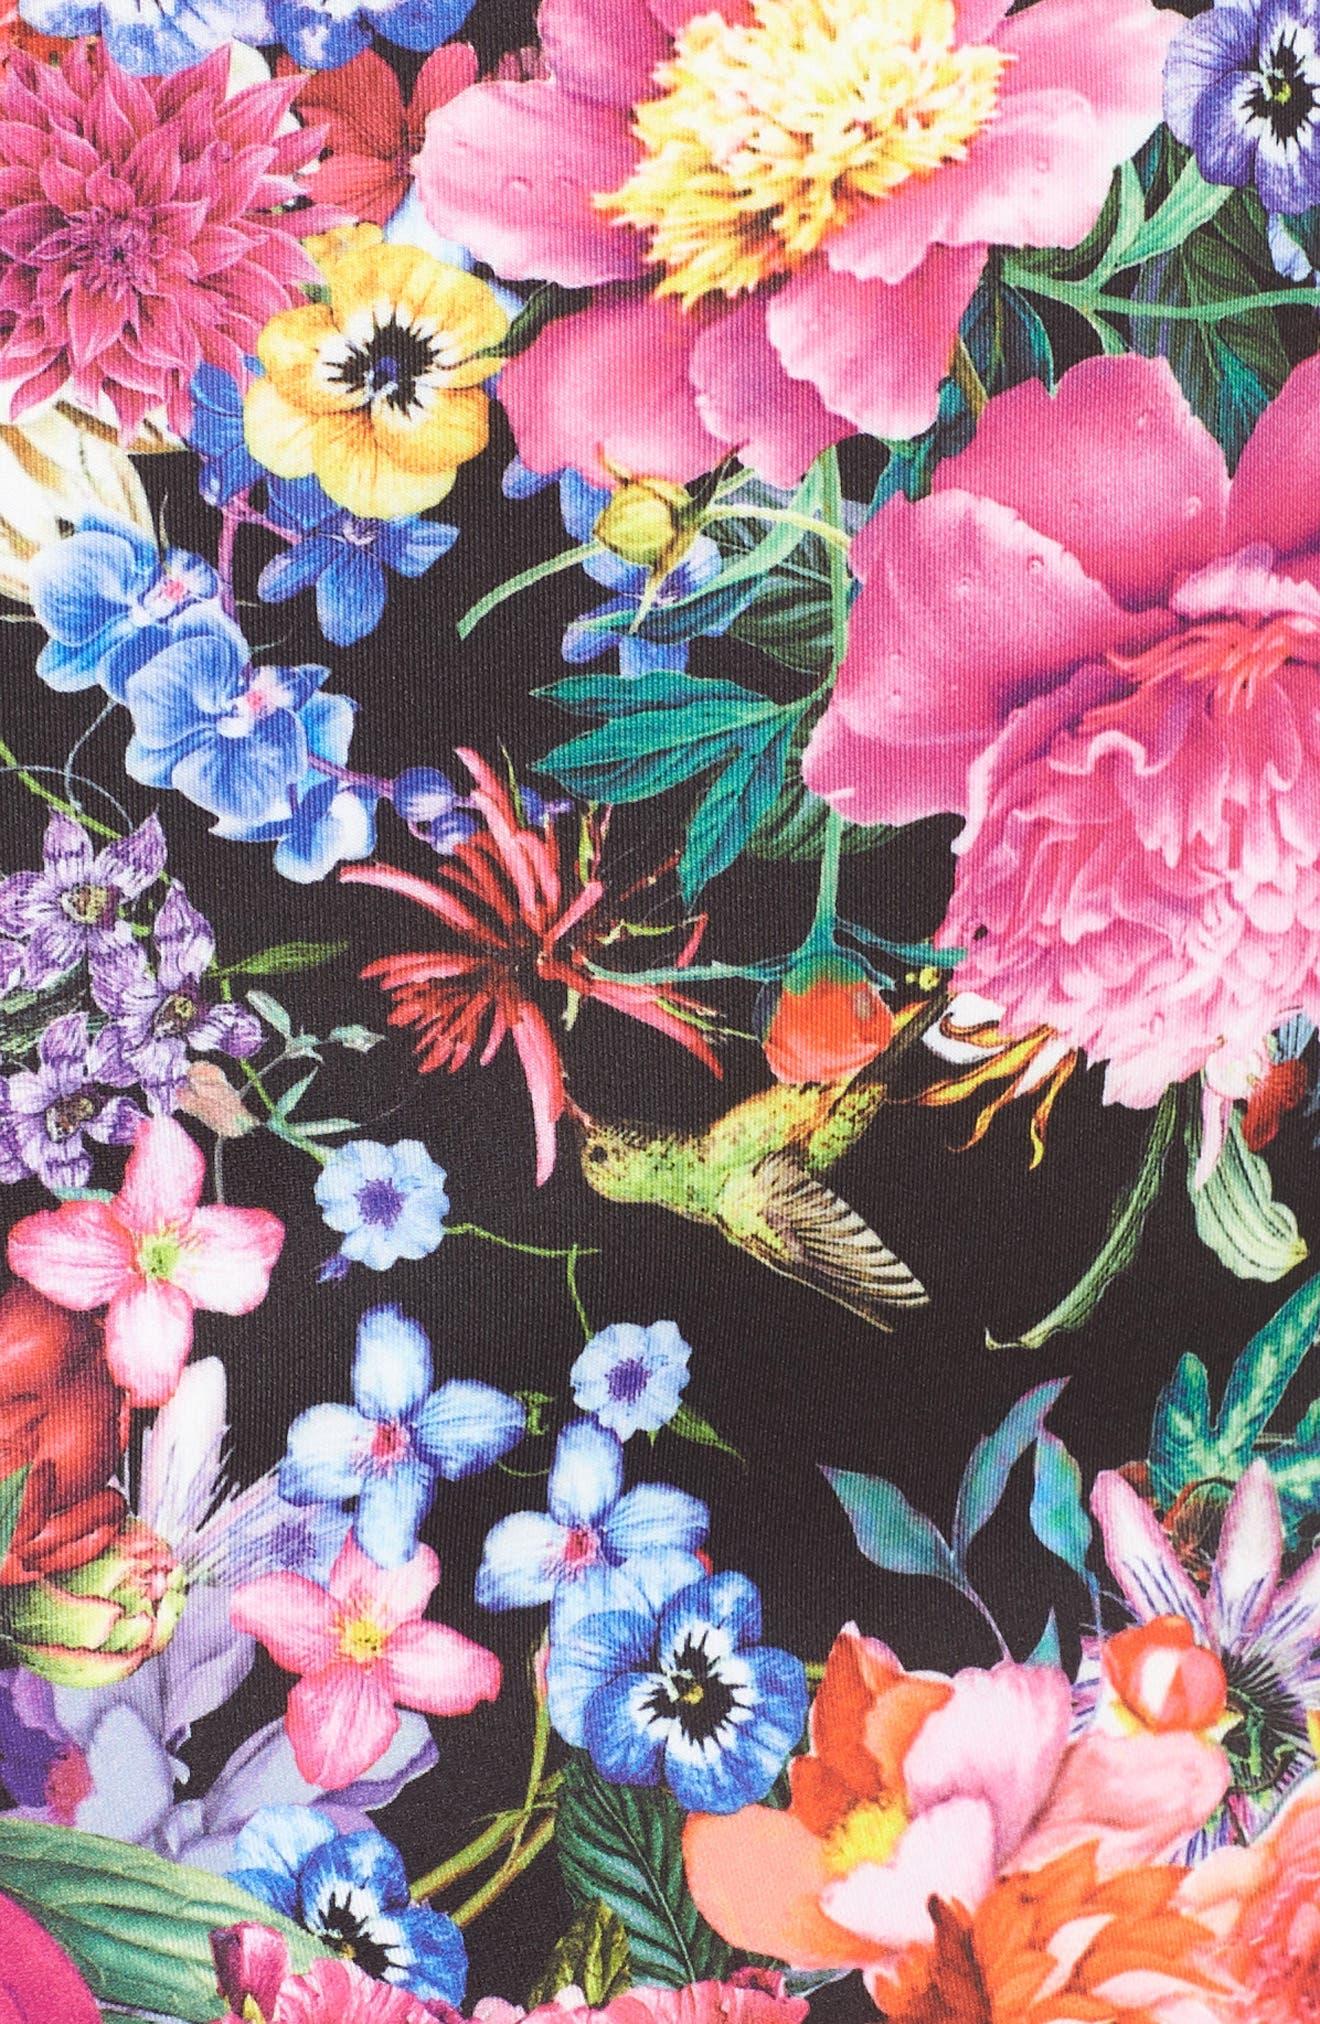 Floral & Lace Sheath Dress,                             Alternate thumbnail 5, color,                             Black/ Floral